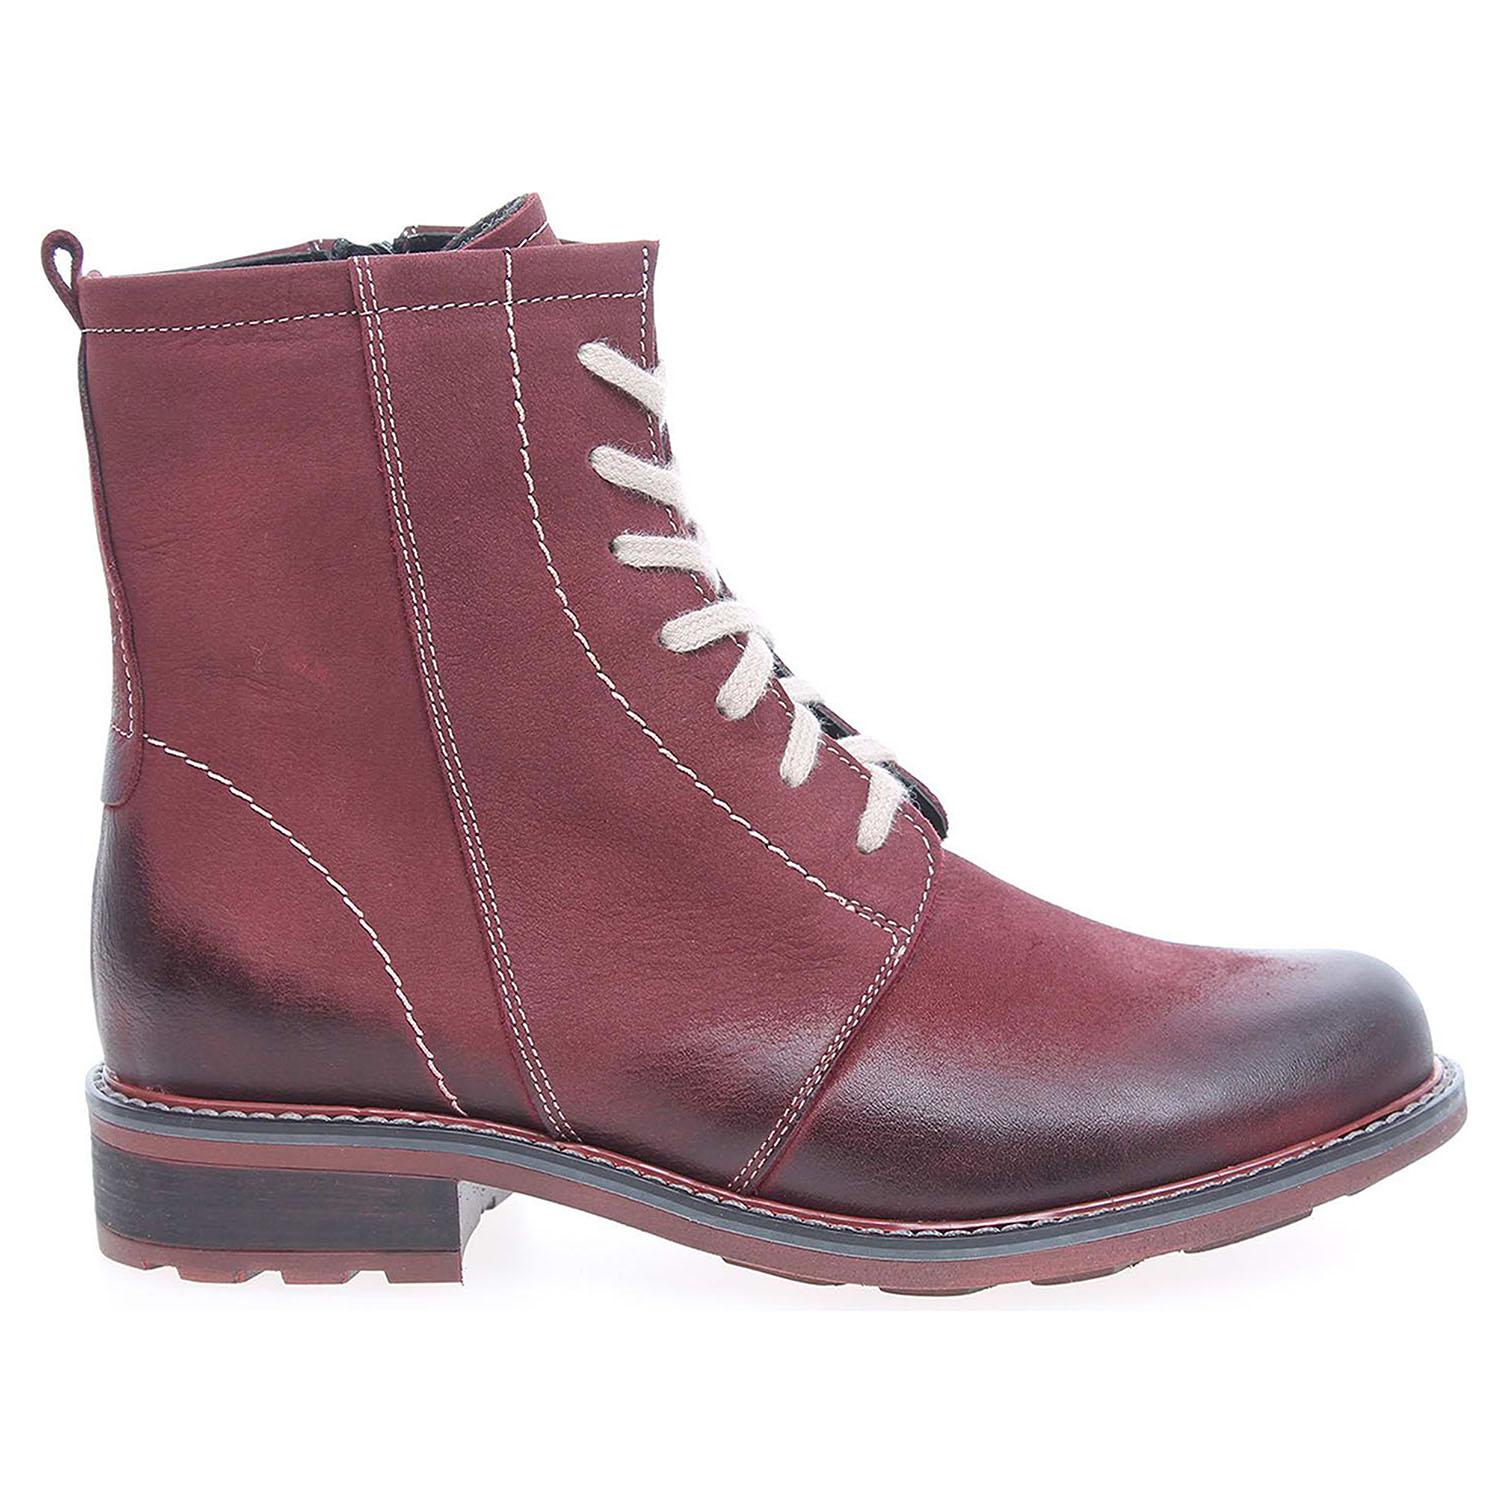 Dámská kotníková obuv J3085 bordo 37